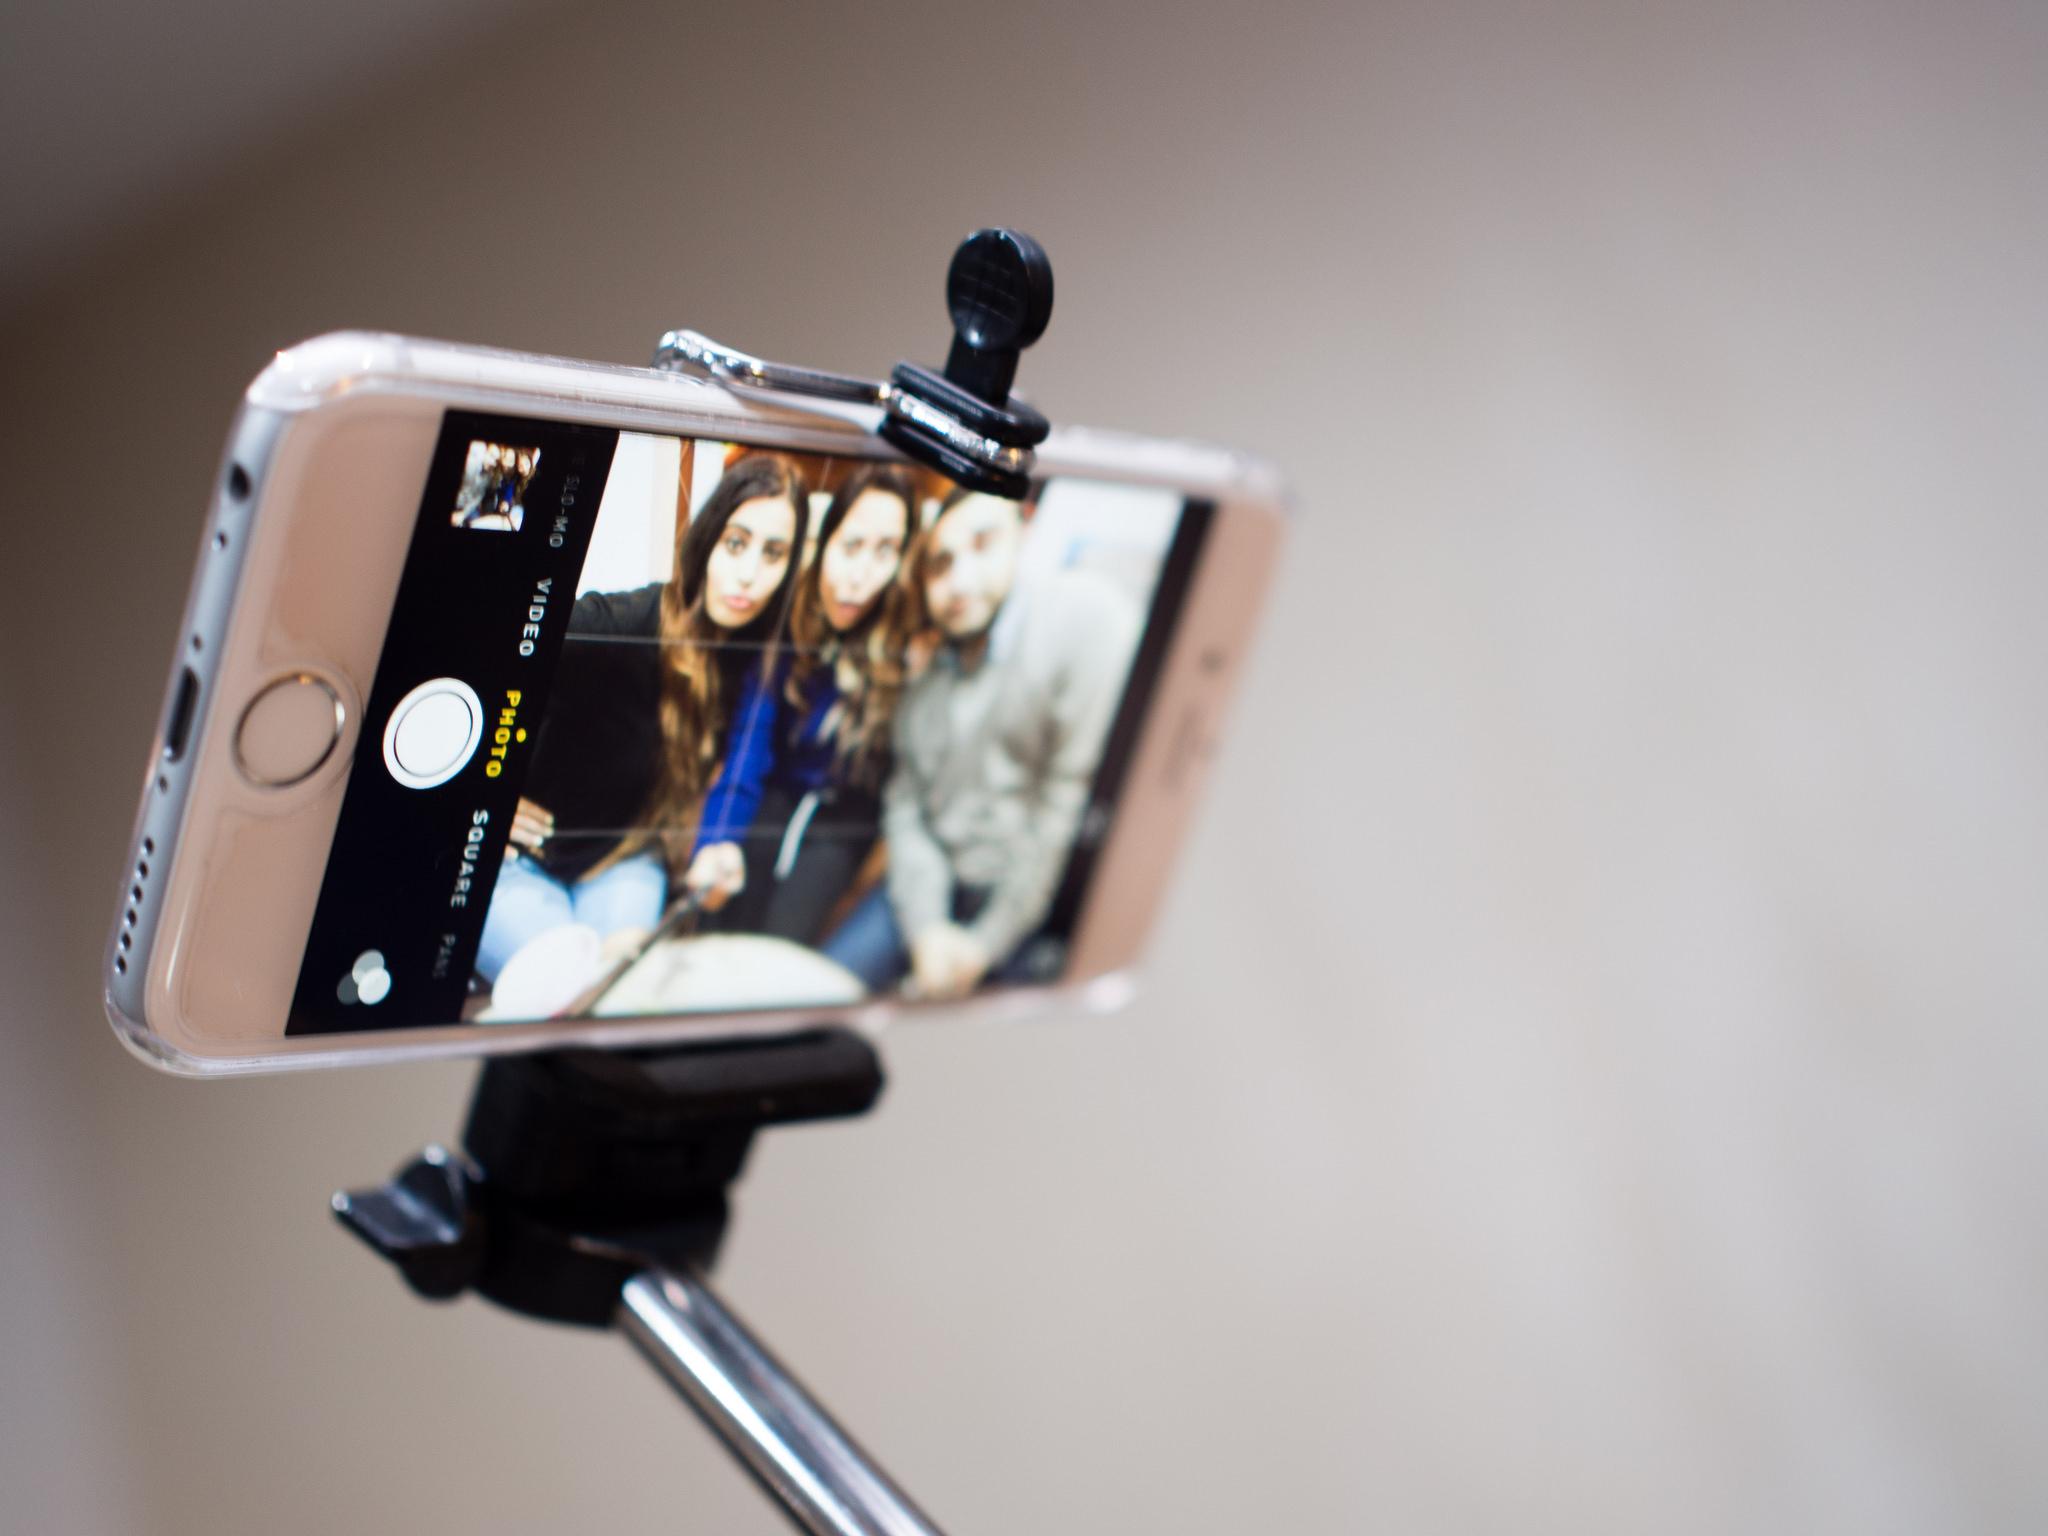 Imagem de Os 5 melhores paus de selfie para comprar em 2015 no site TecMundo